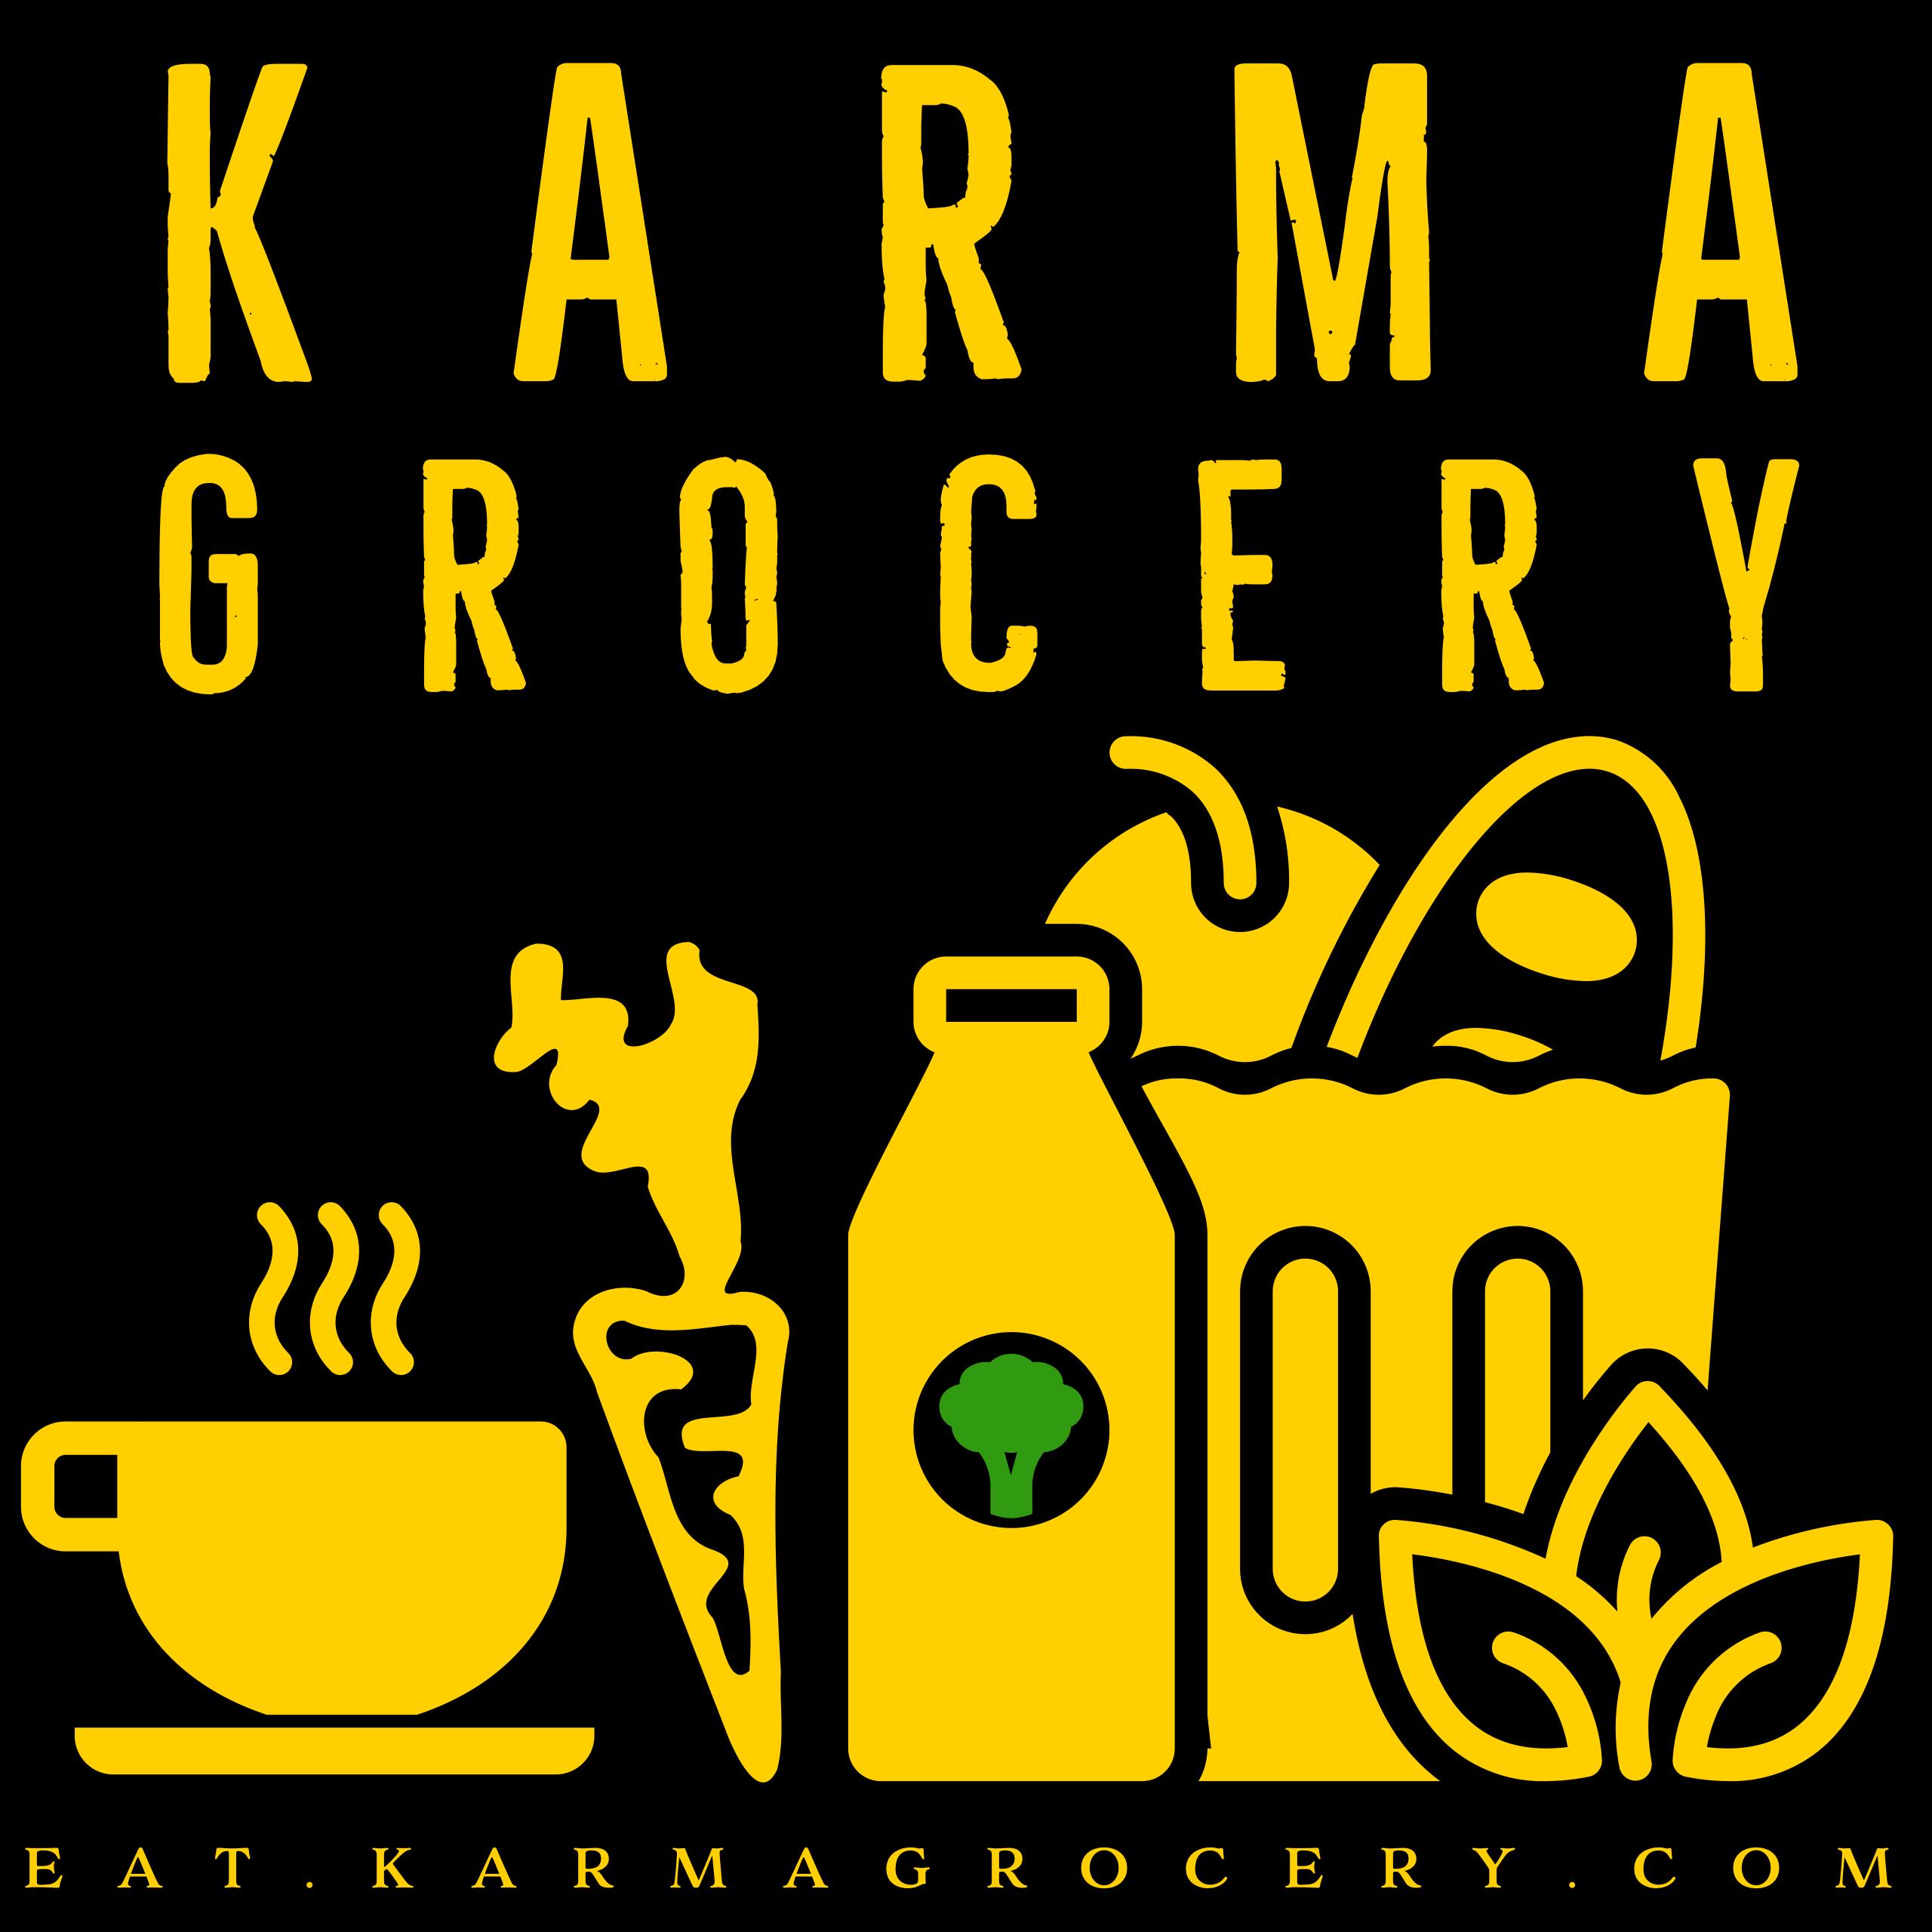 Karma Grocery